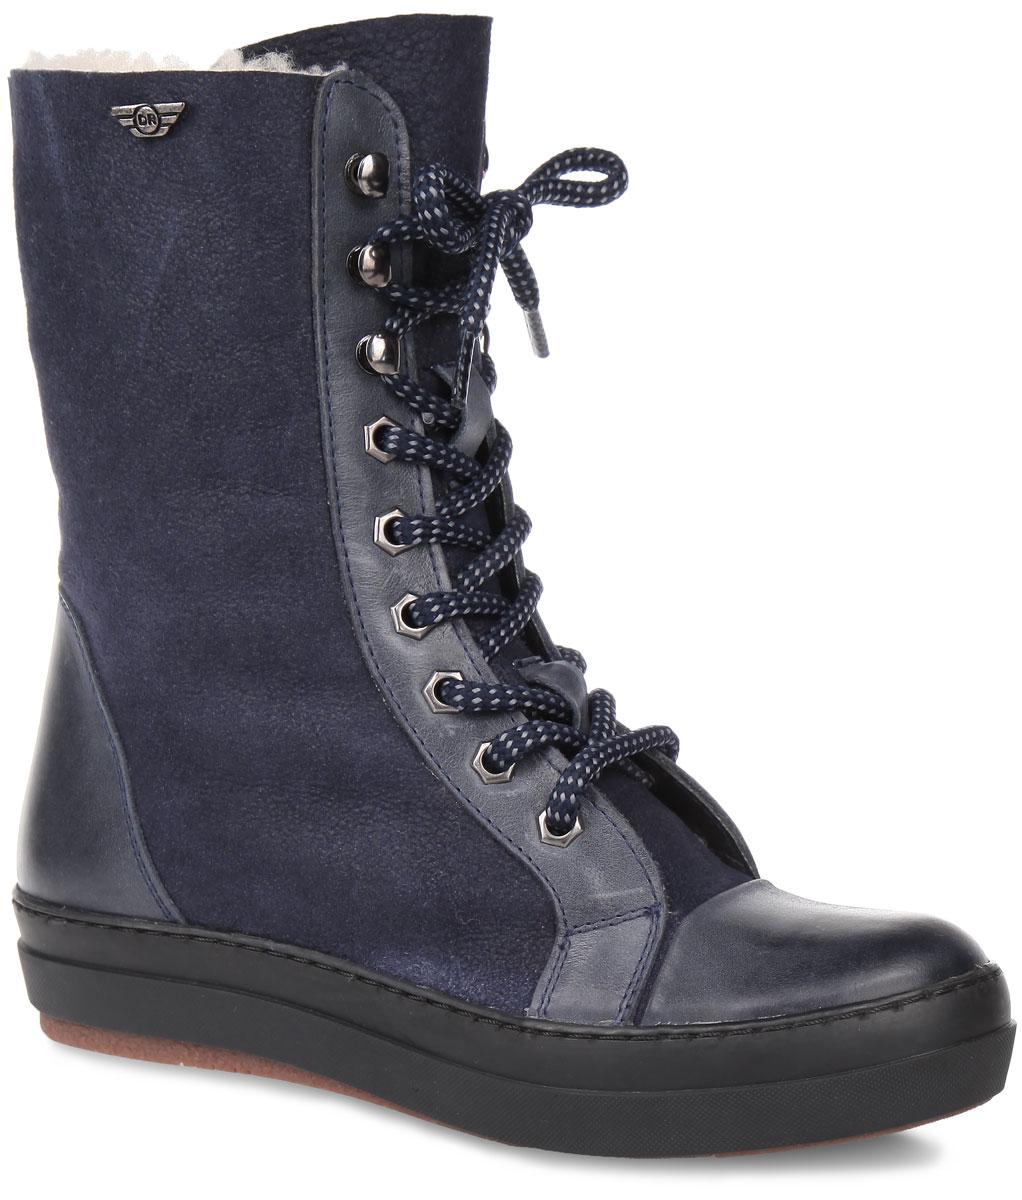 Ботинки женские. 828-59828-59-01(M)Высокие женские ботинки от Dino Ricci покорят вас своим удобством. Модель выполнена из натуральной кожи и оформлена оригинальным плетением на шнурках, на голенище - фирменной металлической пластиной. Шнуровка прочно зафиксирует обувь. Подкладка и стелька из натурального меха сохранят ваши ноги в тепле. Утолщенная подошва с рифлением защищает изделие от скольжения. В таких ботинках вашим ногам будет комфортно и уютно. Они подчеркнут ваш стиль и индивидуальность.